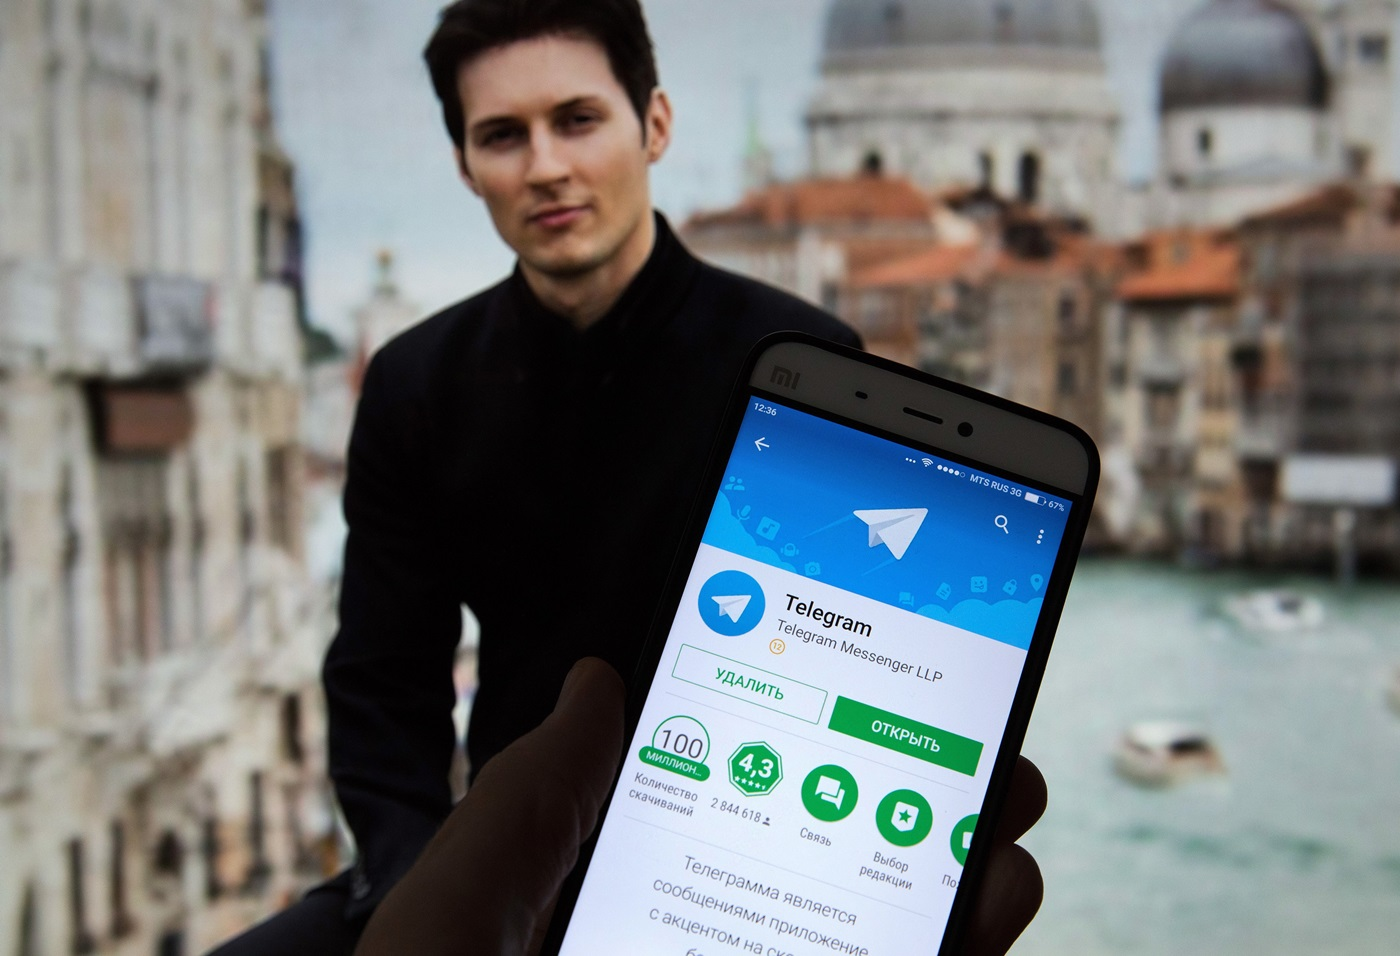 Спрос на облигации Telegram бьёт рекорды, но эксперты предупреждают, что здесь не всё так просто